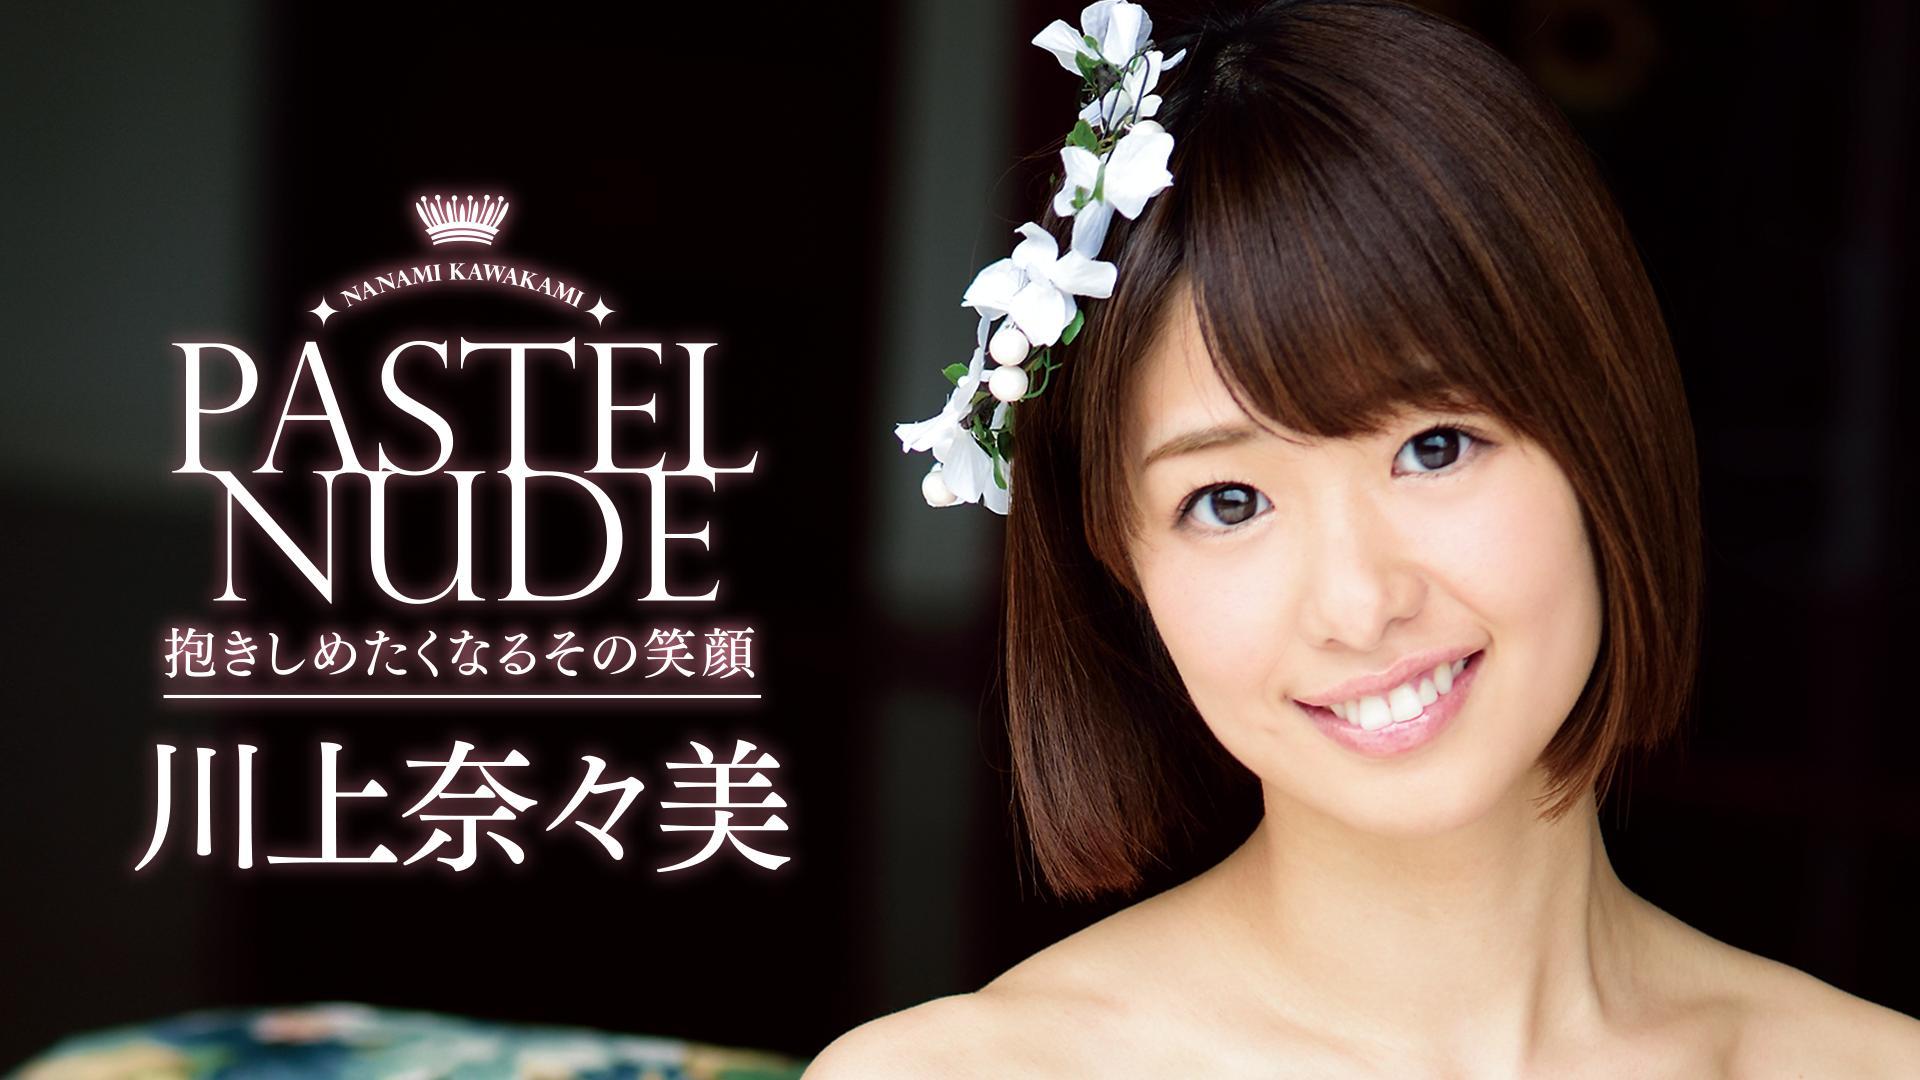 川上奈々美『Pastel Nude 抱きしめたくなるその笑顔』